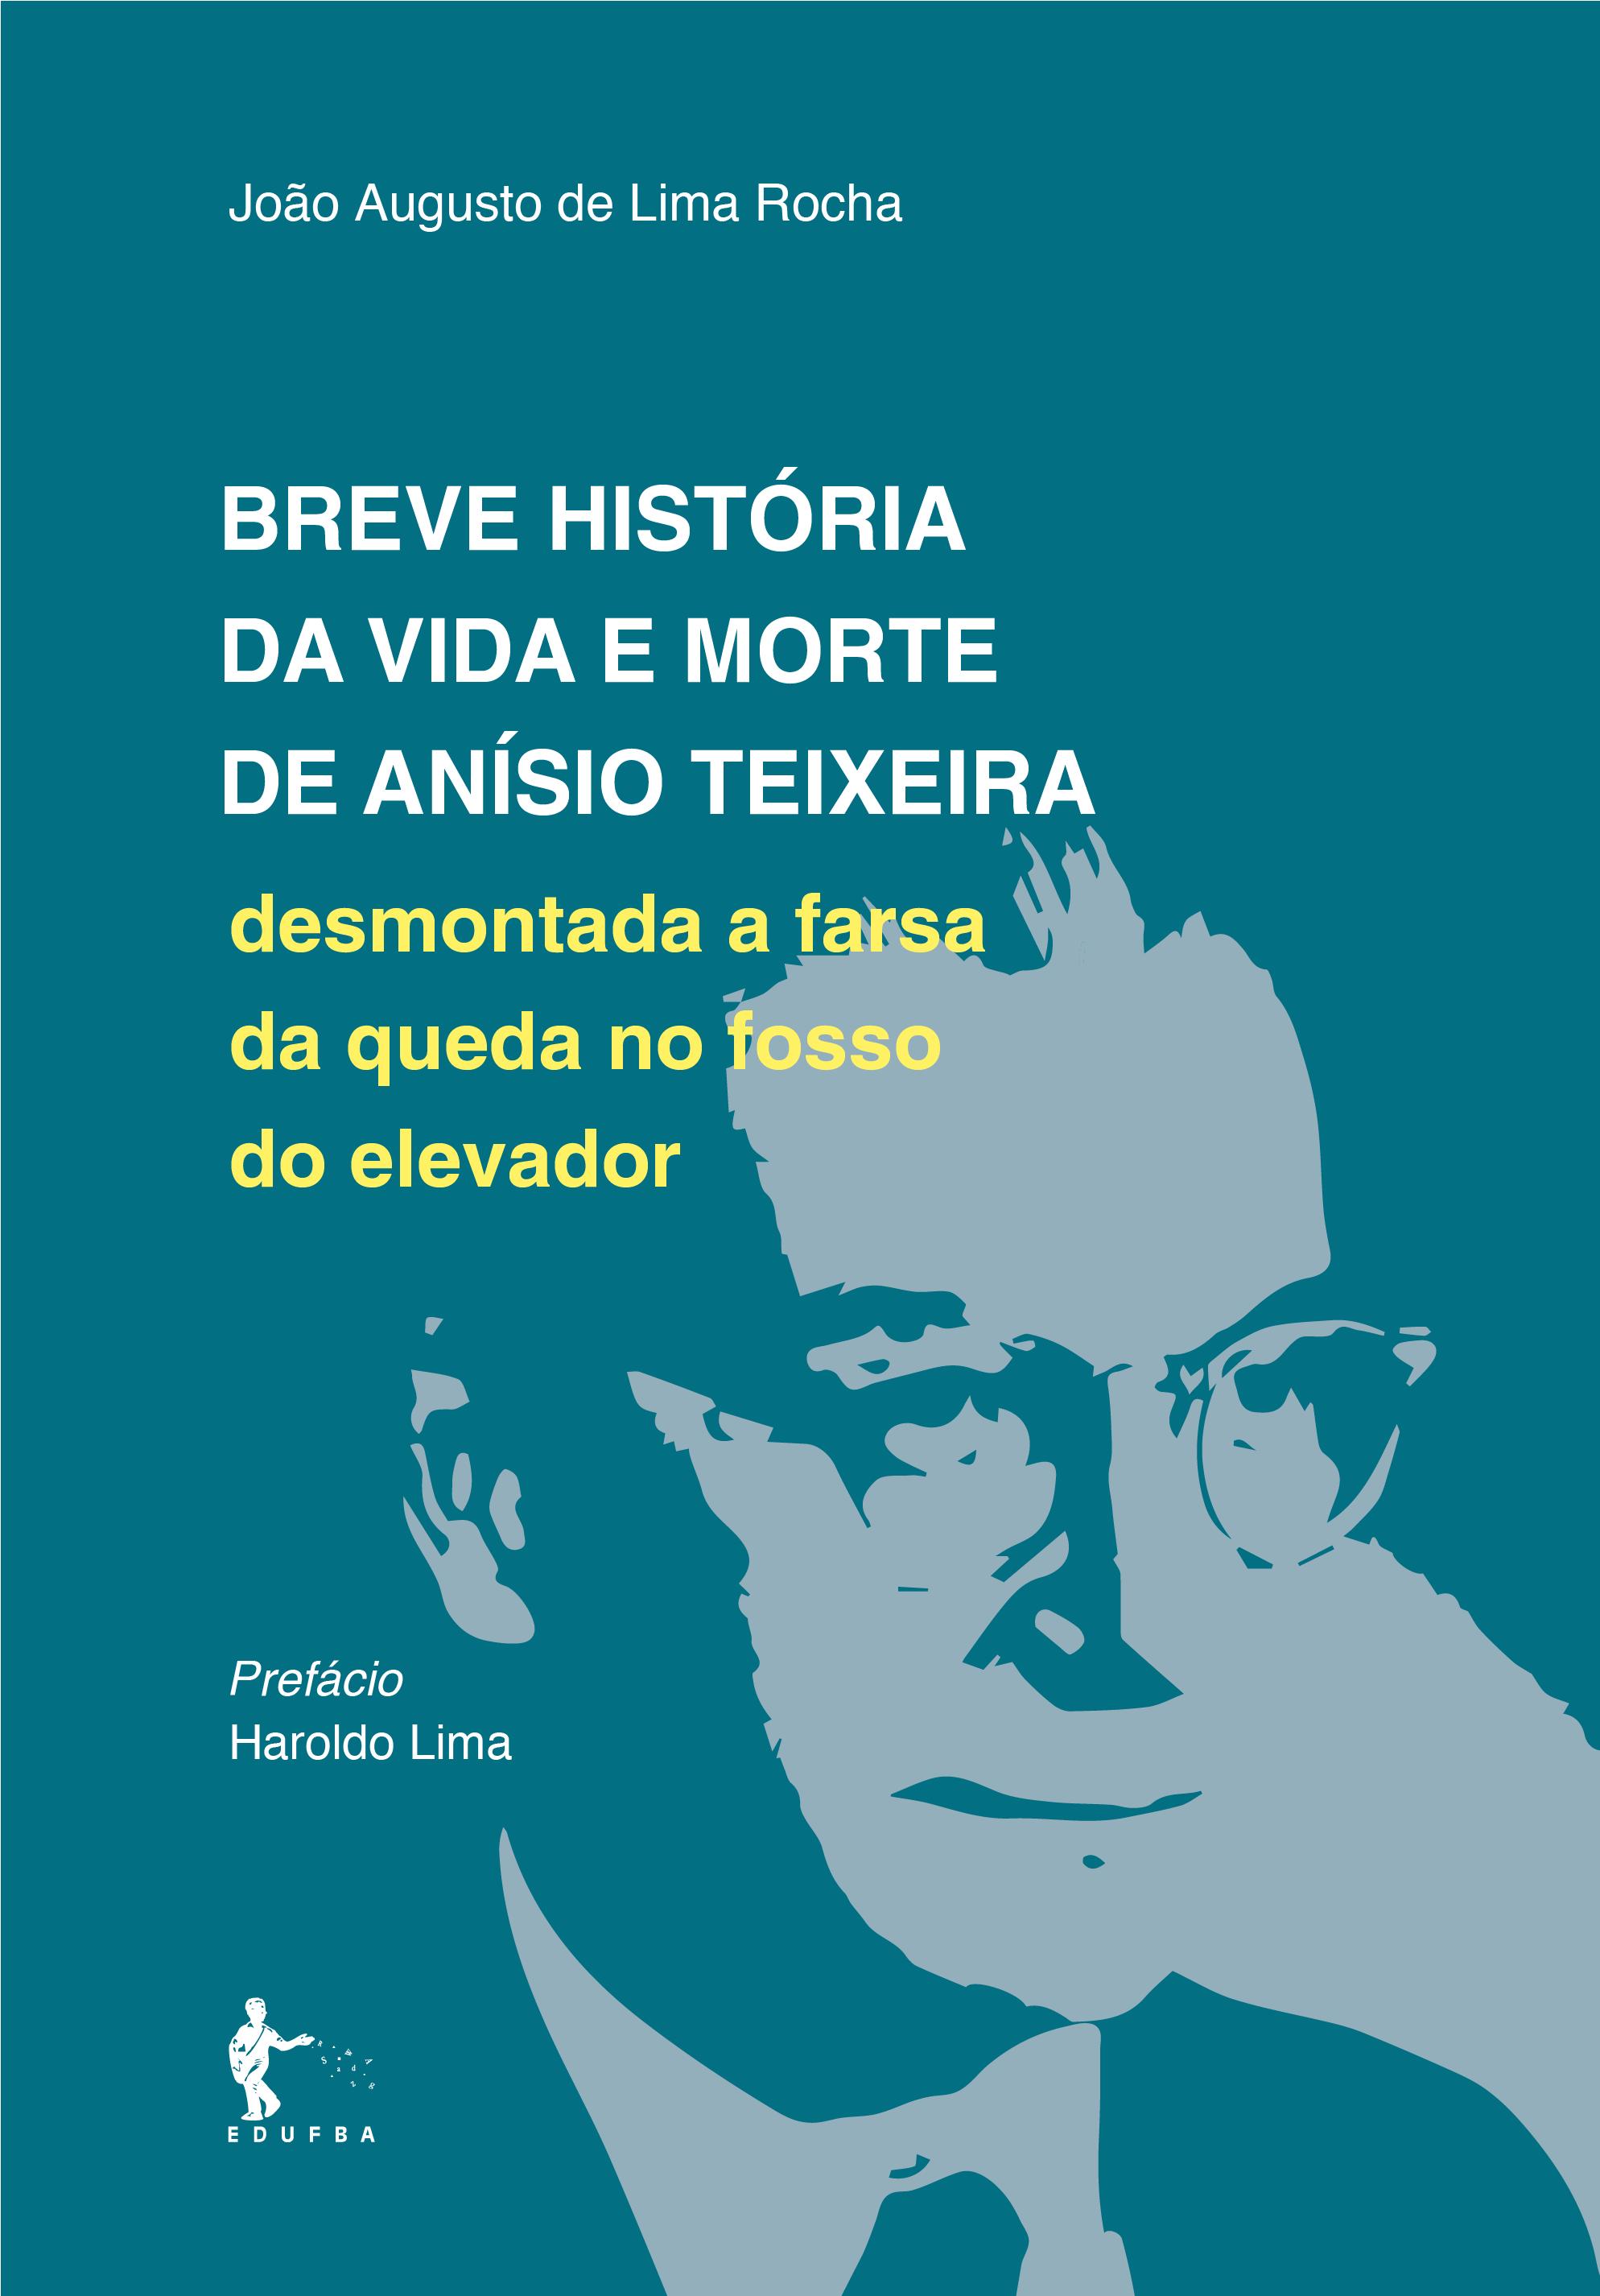 Breve História da Vida e Morte de Anísio Teixeira - desmontada a farsa da queda no fosso do elevador, livro de João Augusto de Lima Rocha